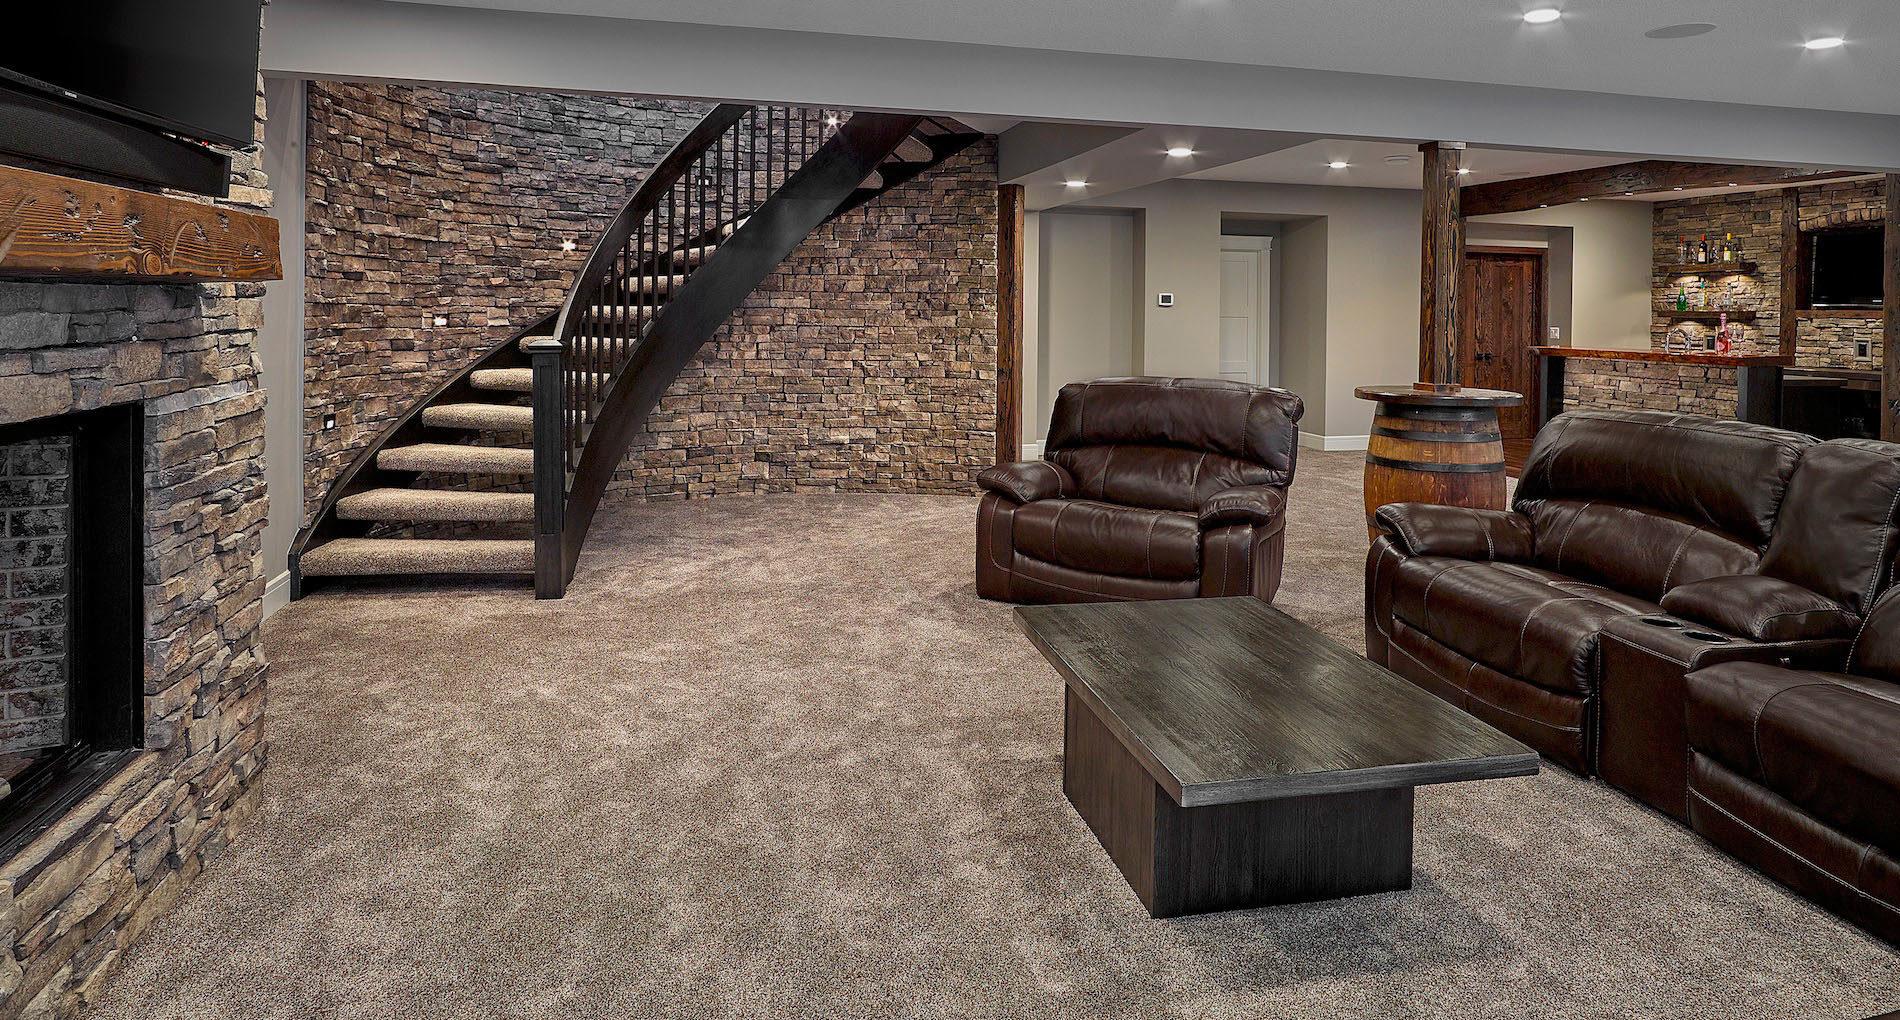 cheap-basement-renovation